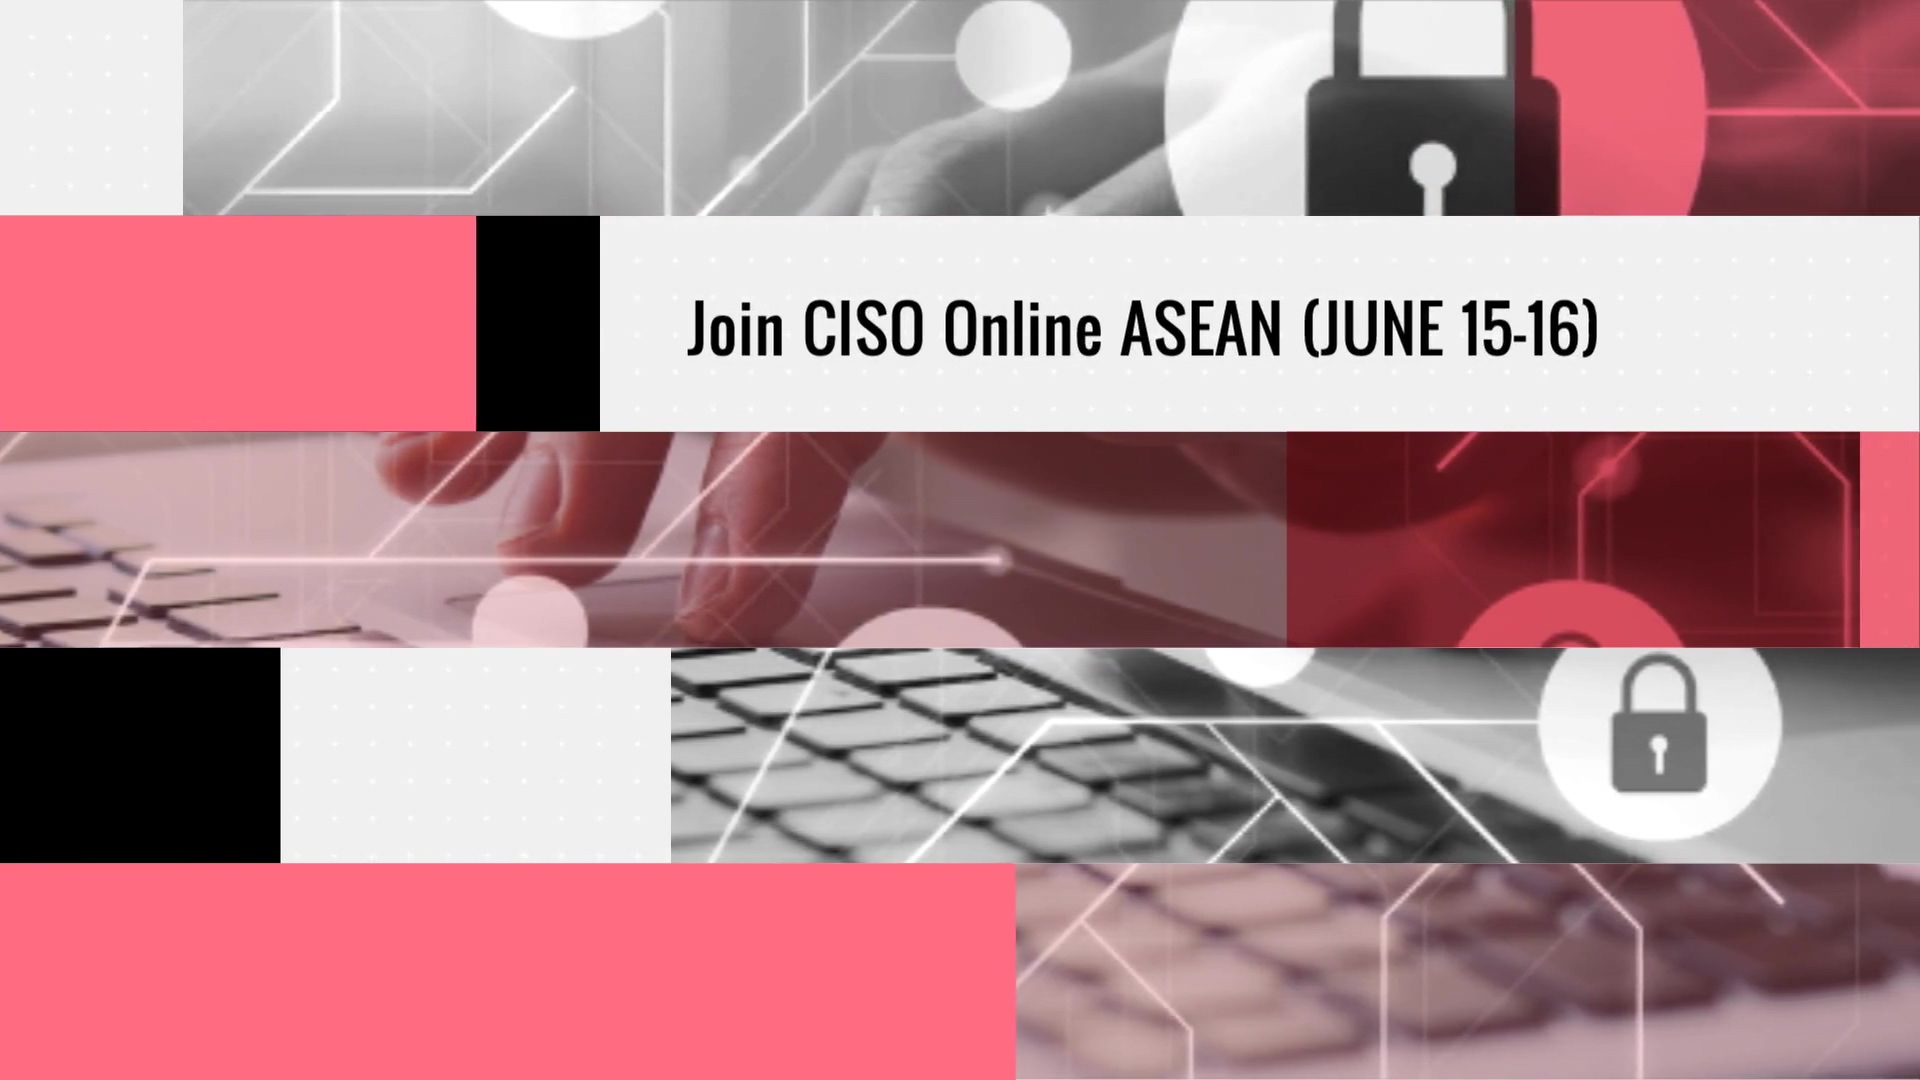 0628-ciso-asean-2021-social-1